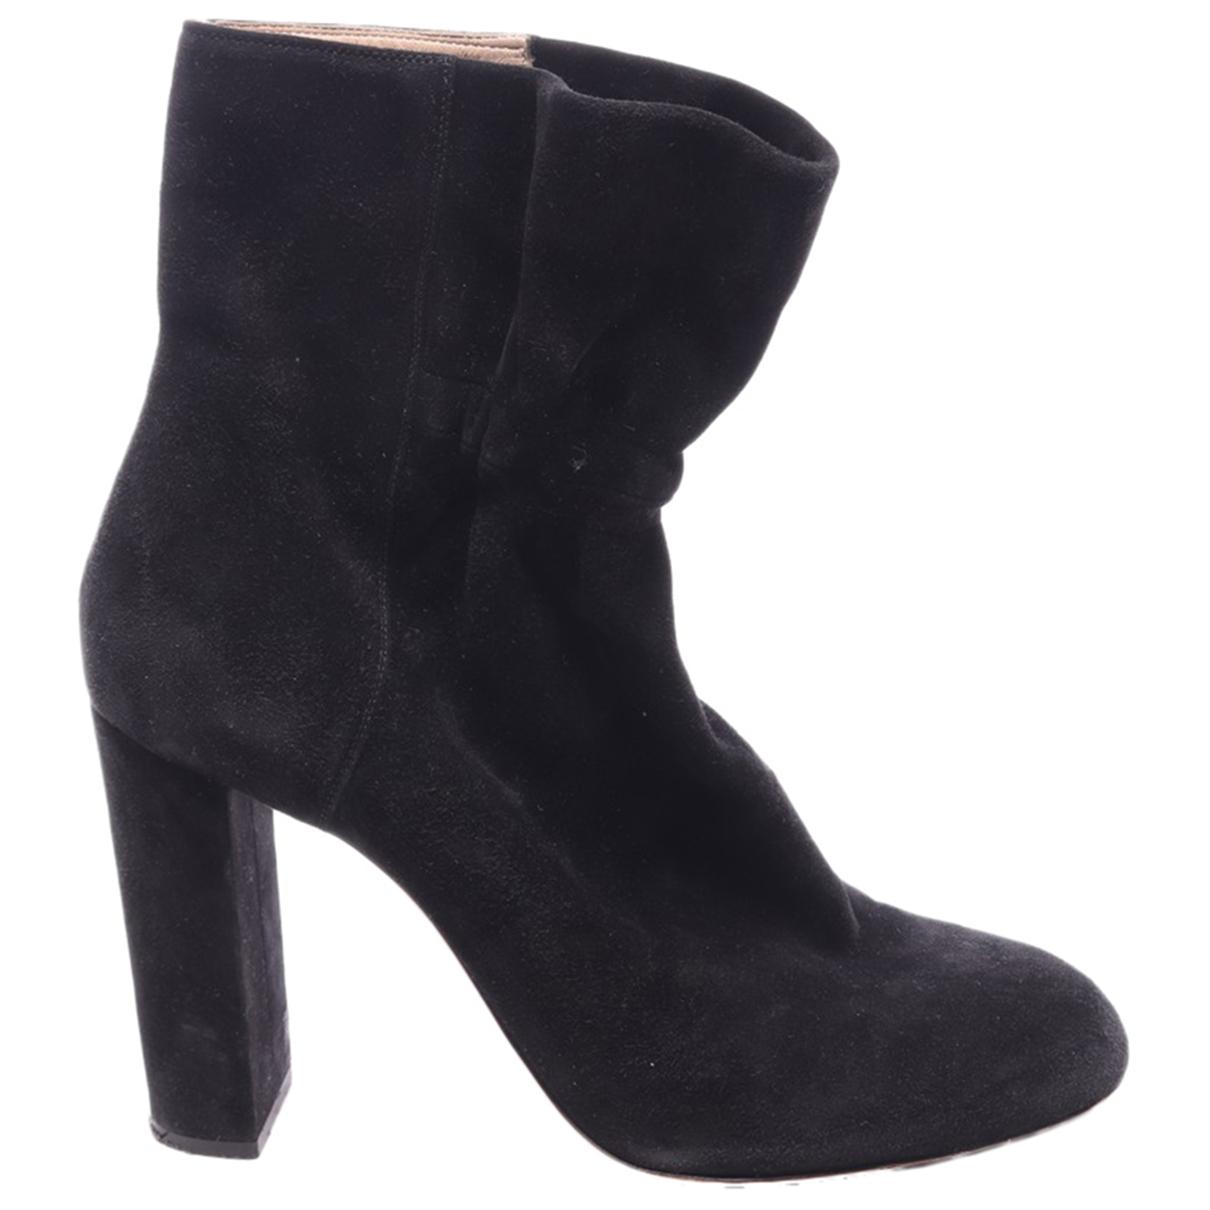 Chloe - Boots   pour femme en cuir - noir